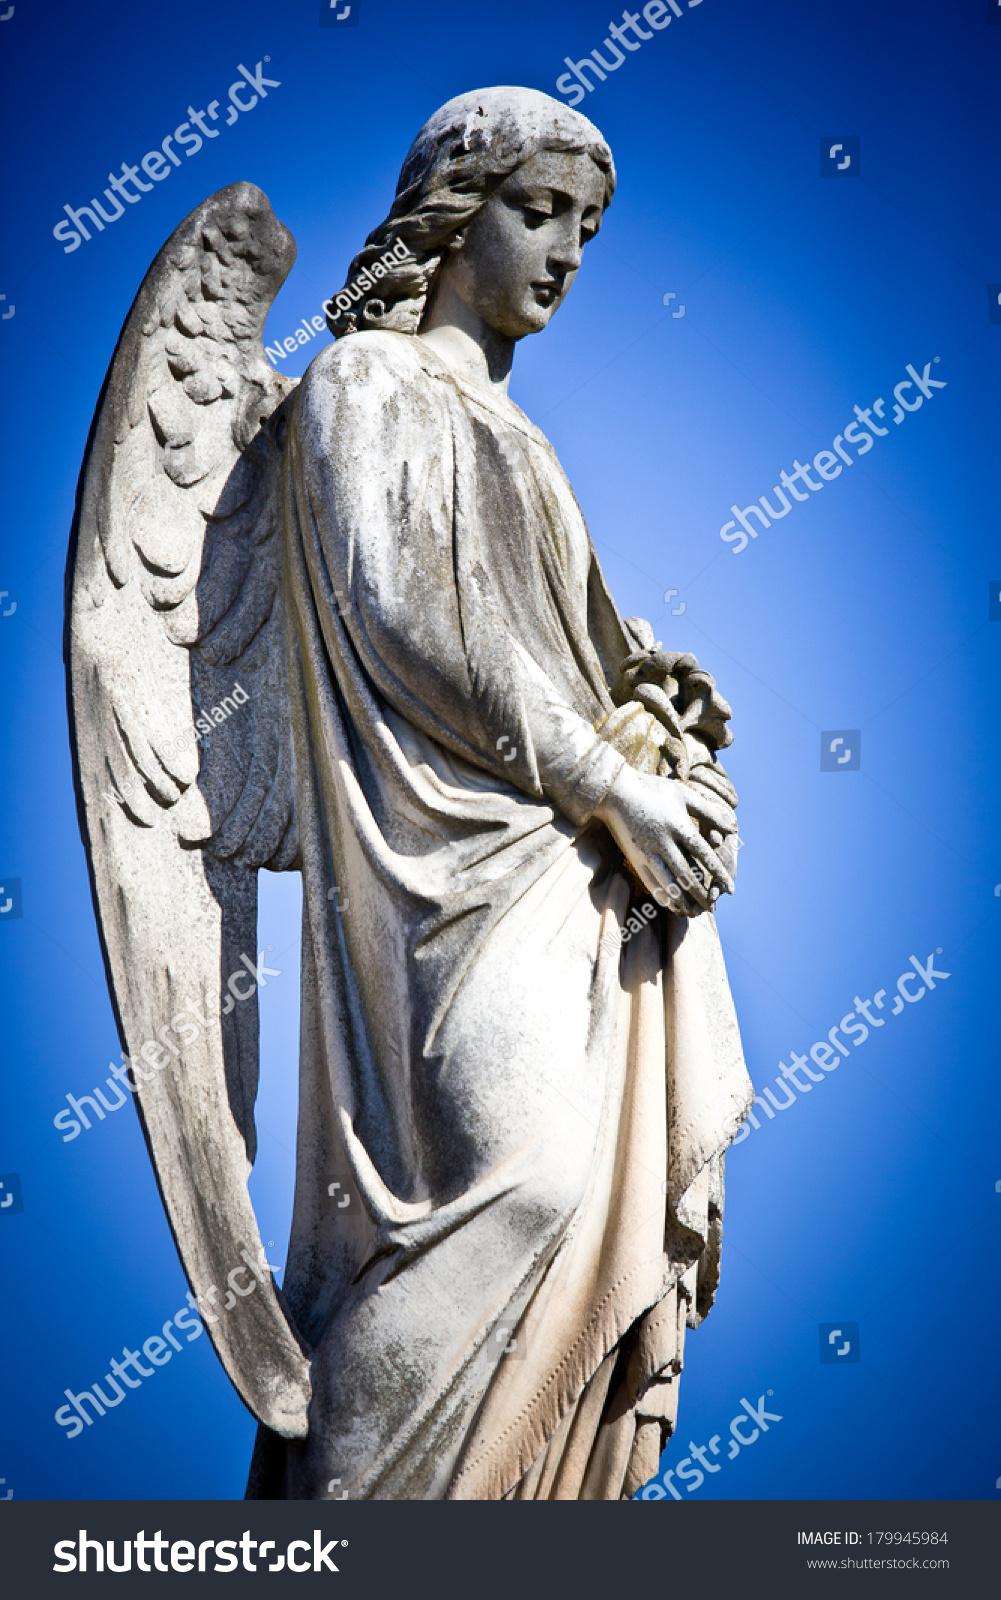 Beautiful sculpture cemetery melbourne australia stock